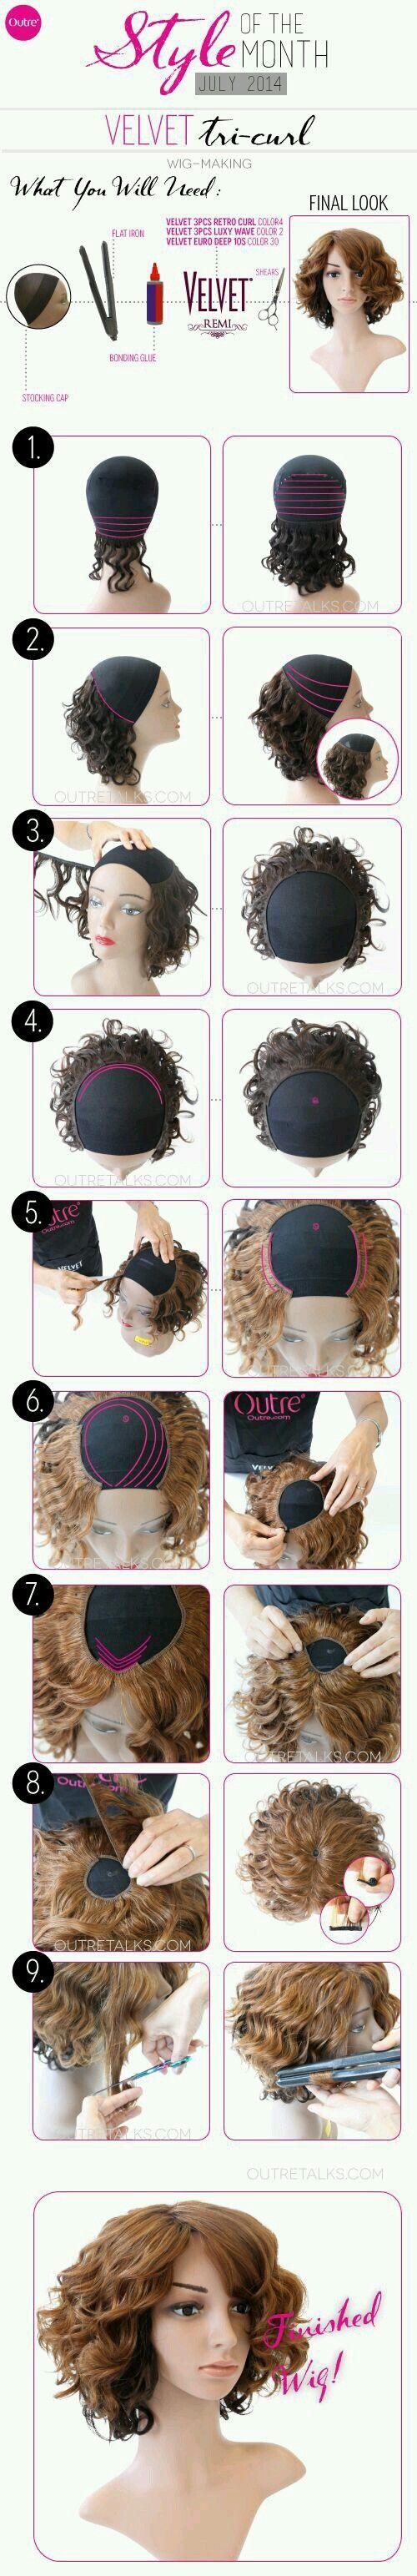 Méthode de tissage | méthode de tissage | Pinterest | Puppe nähen ...